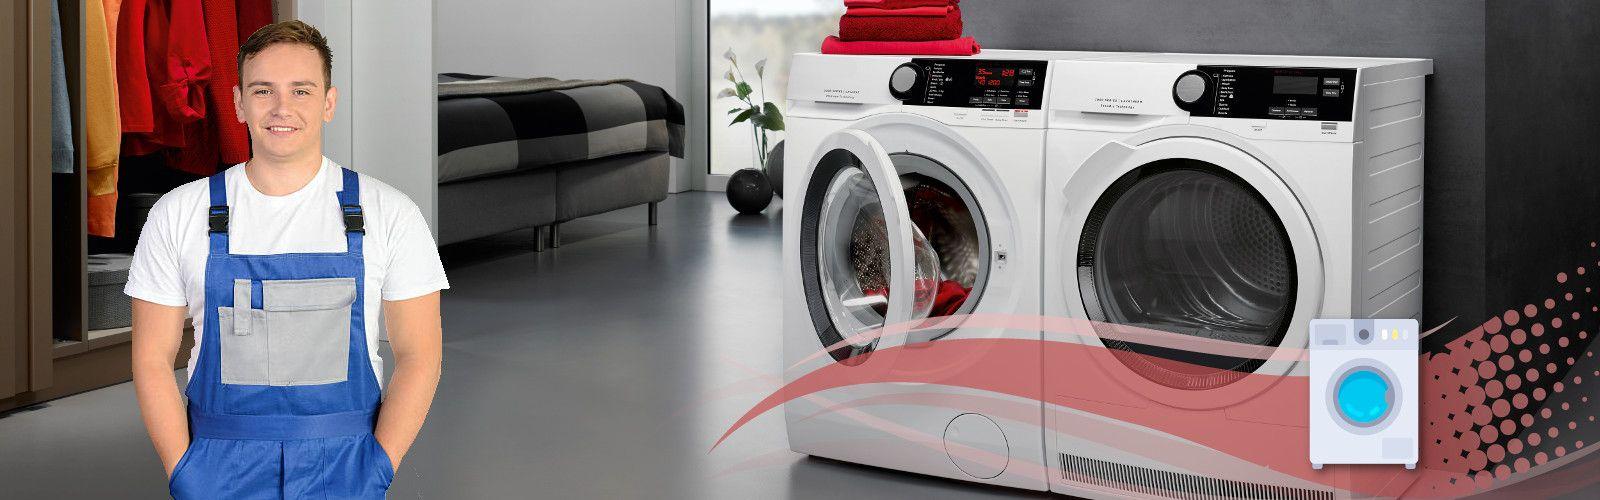 نمایندگی تعمیر ماشین لباسشویی در تهران _ خدمات پس از فروش تعمیرات و تعمیرگاه ماشین لباسشویی